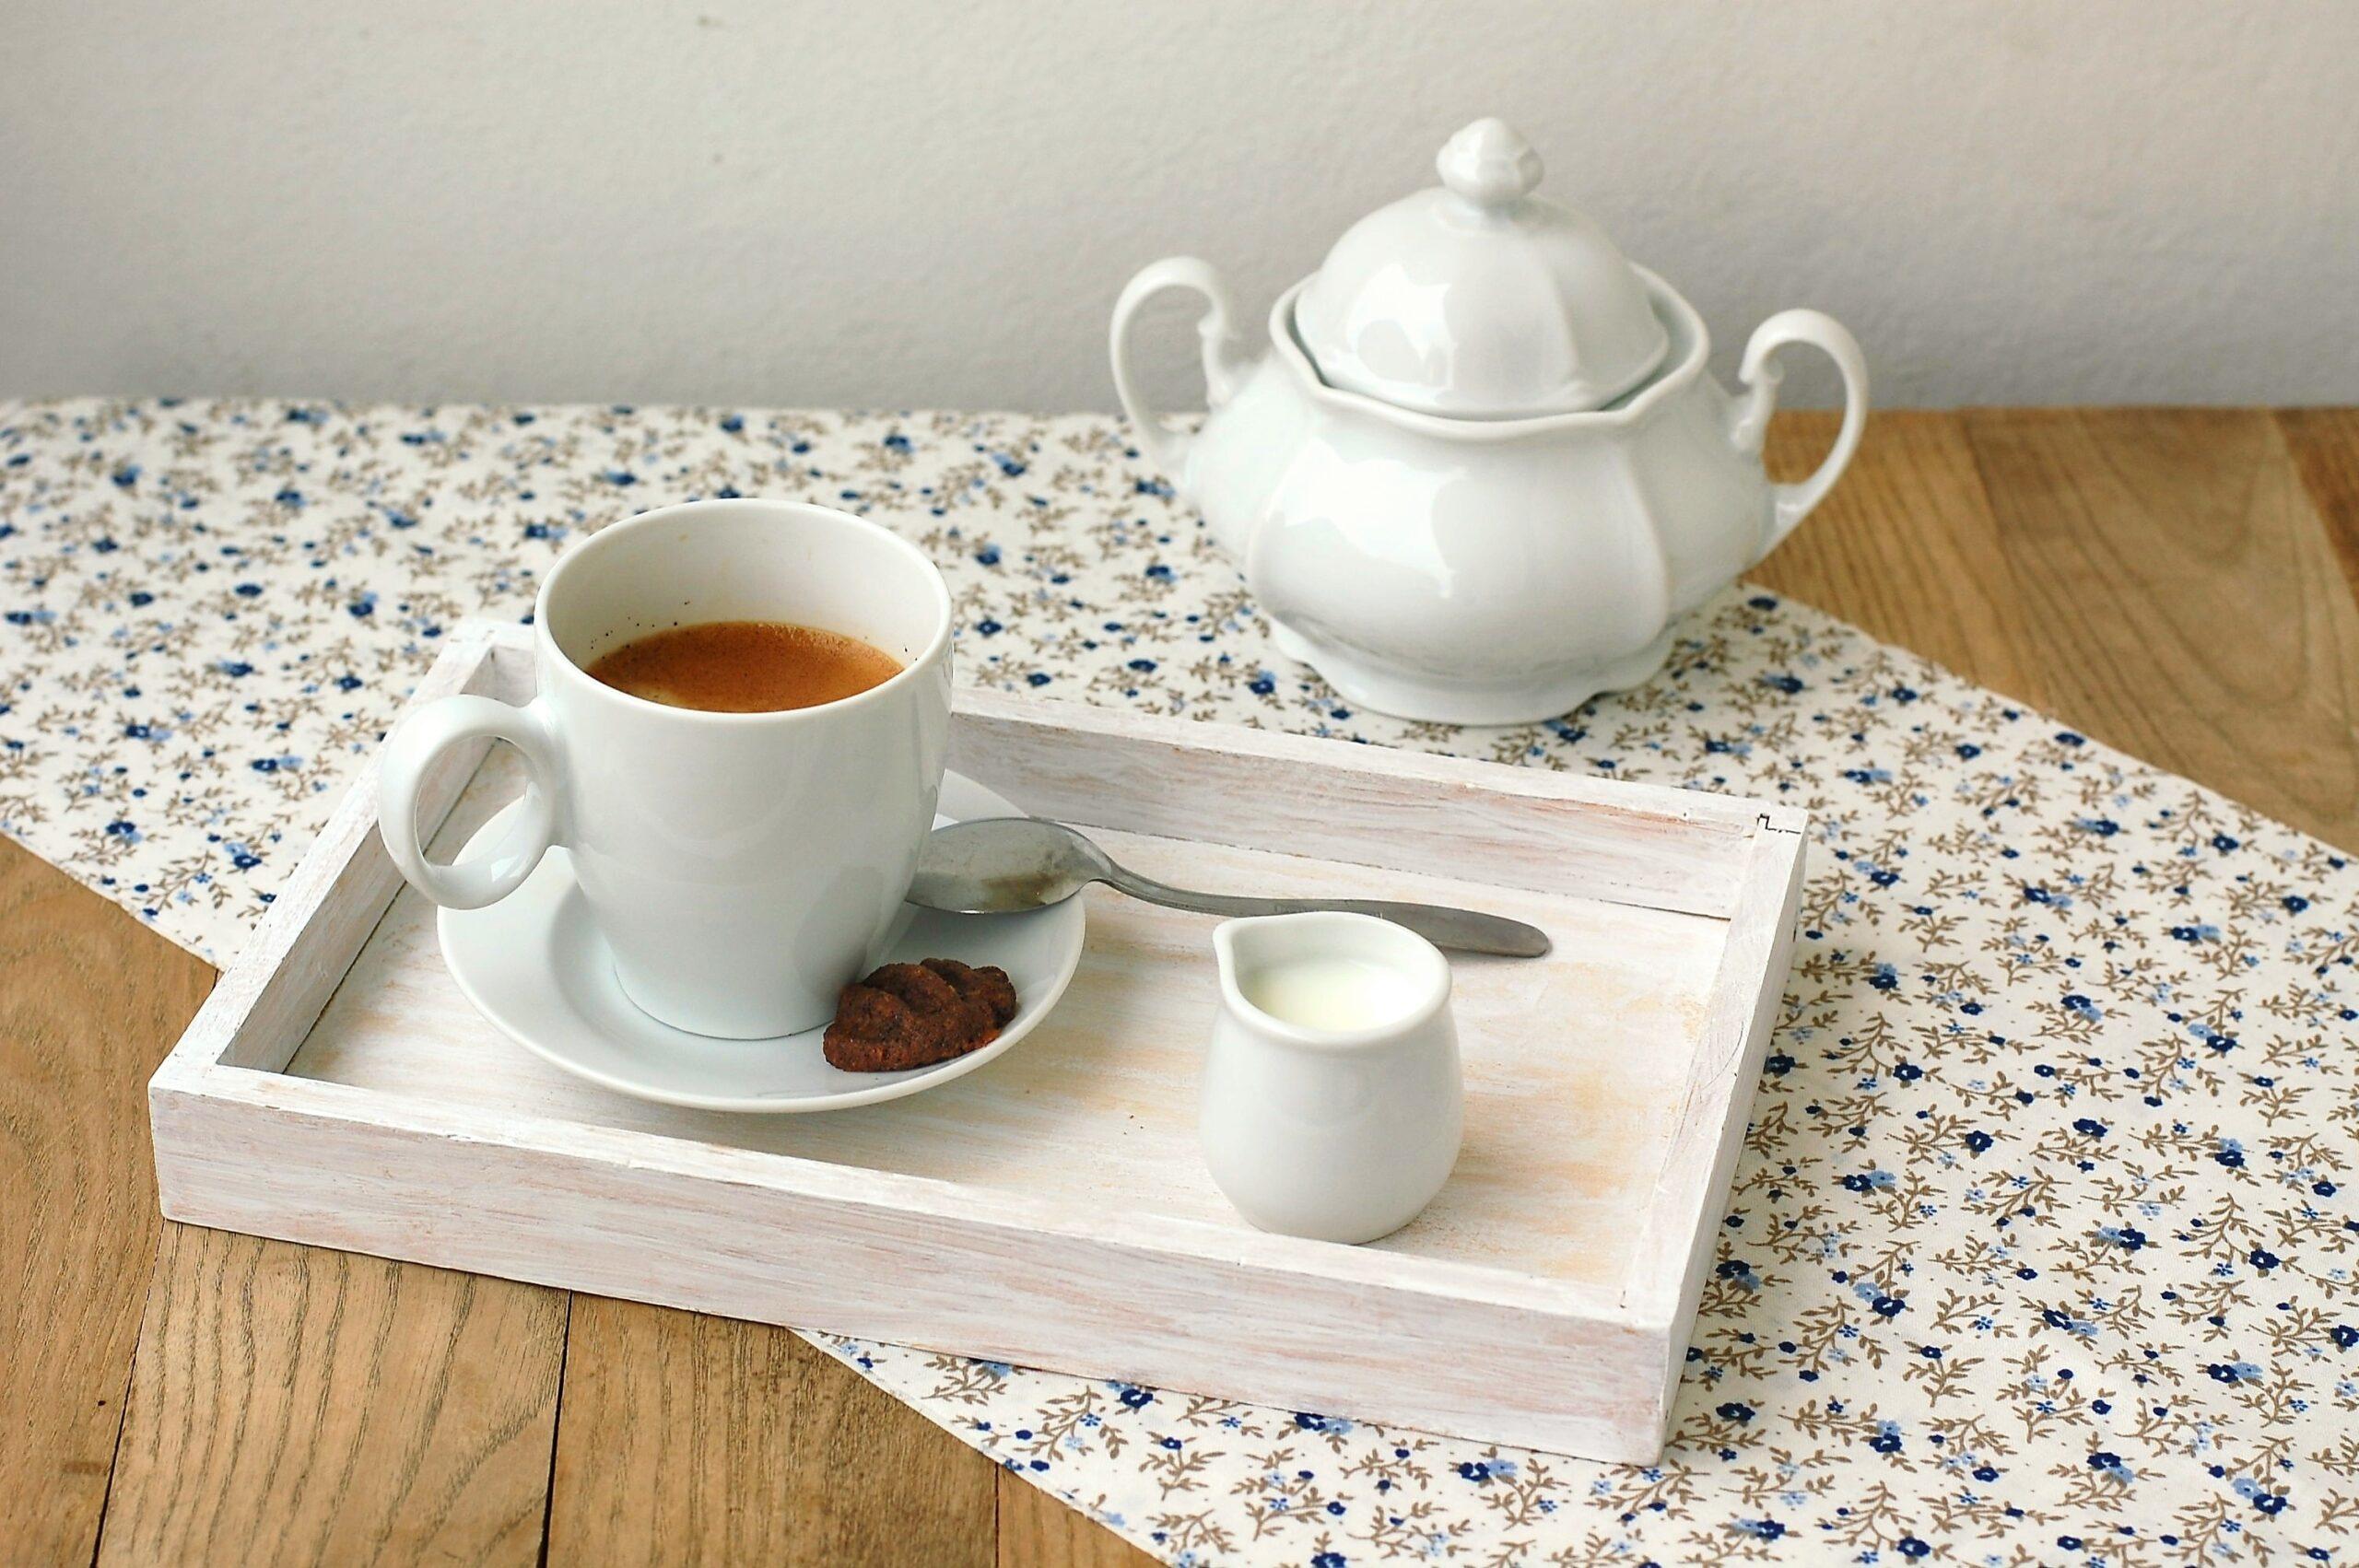 ノンカフェイン紅茶を飲んでホッと一息